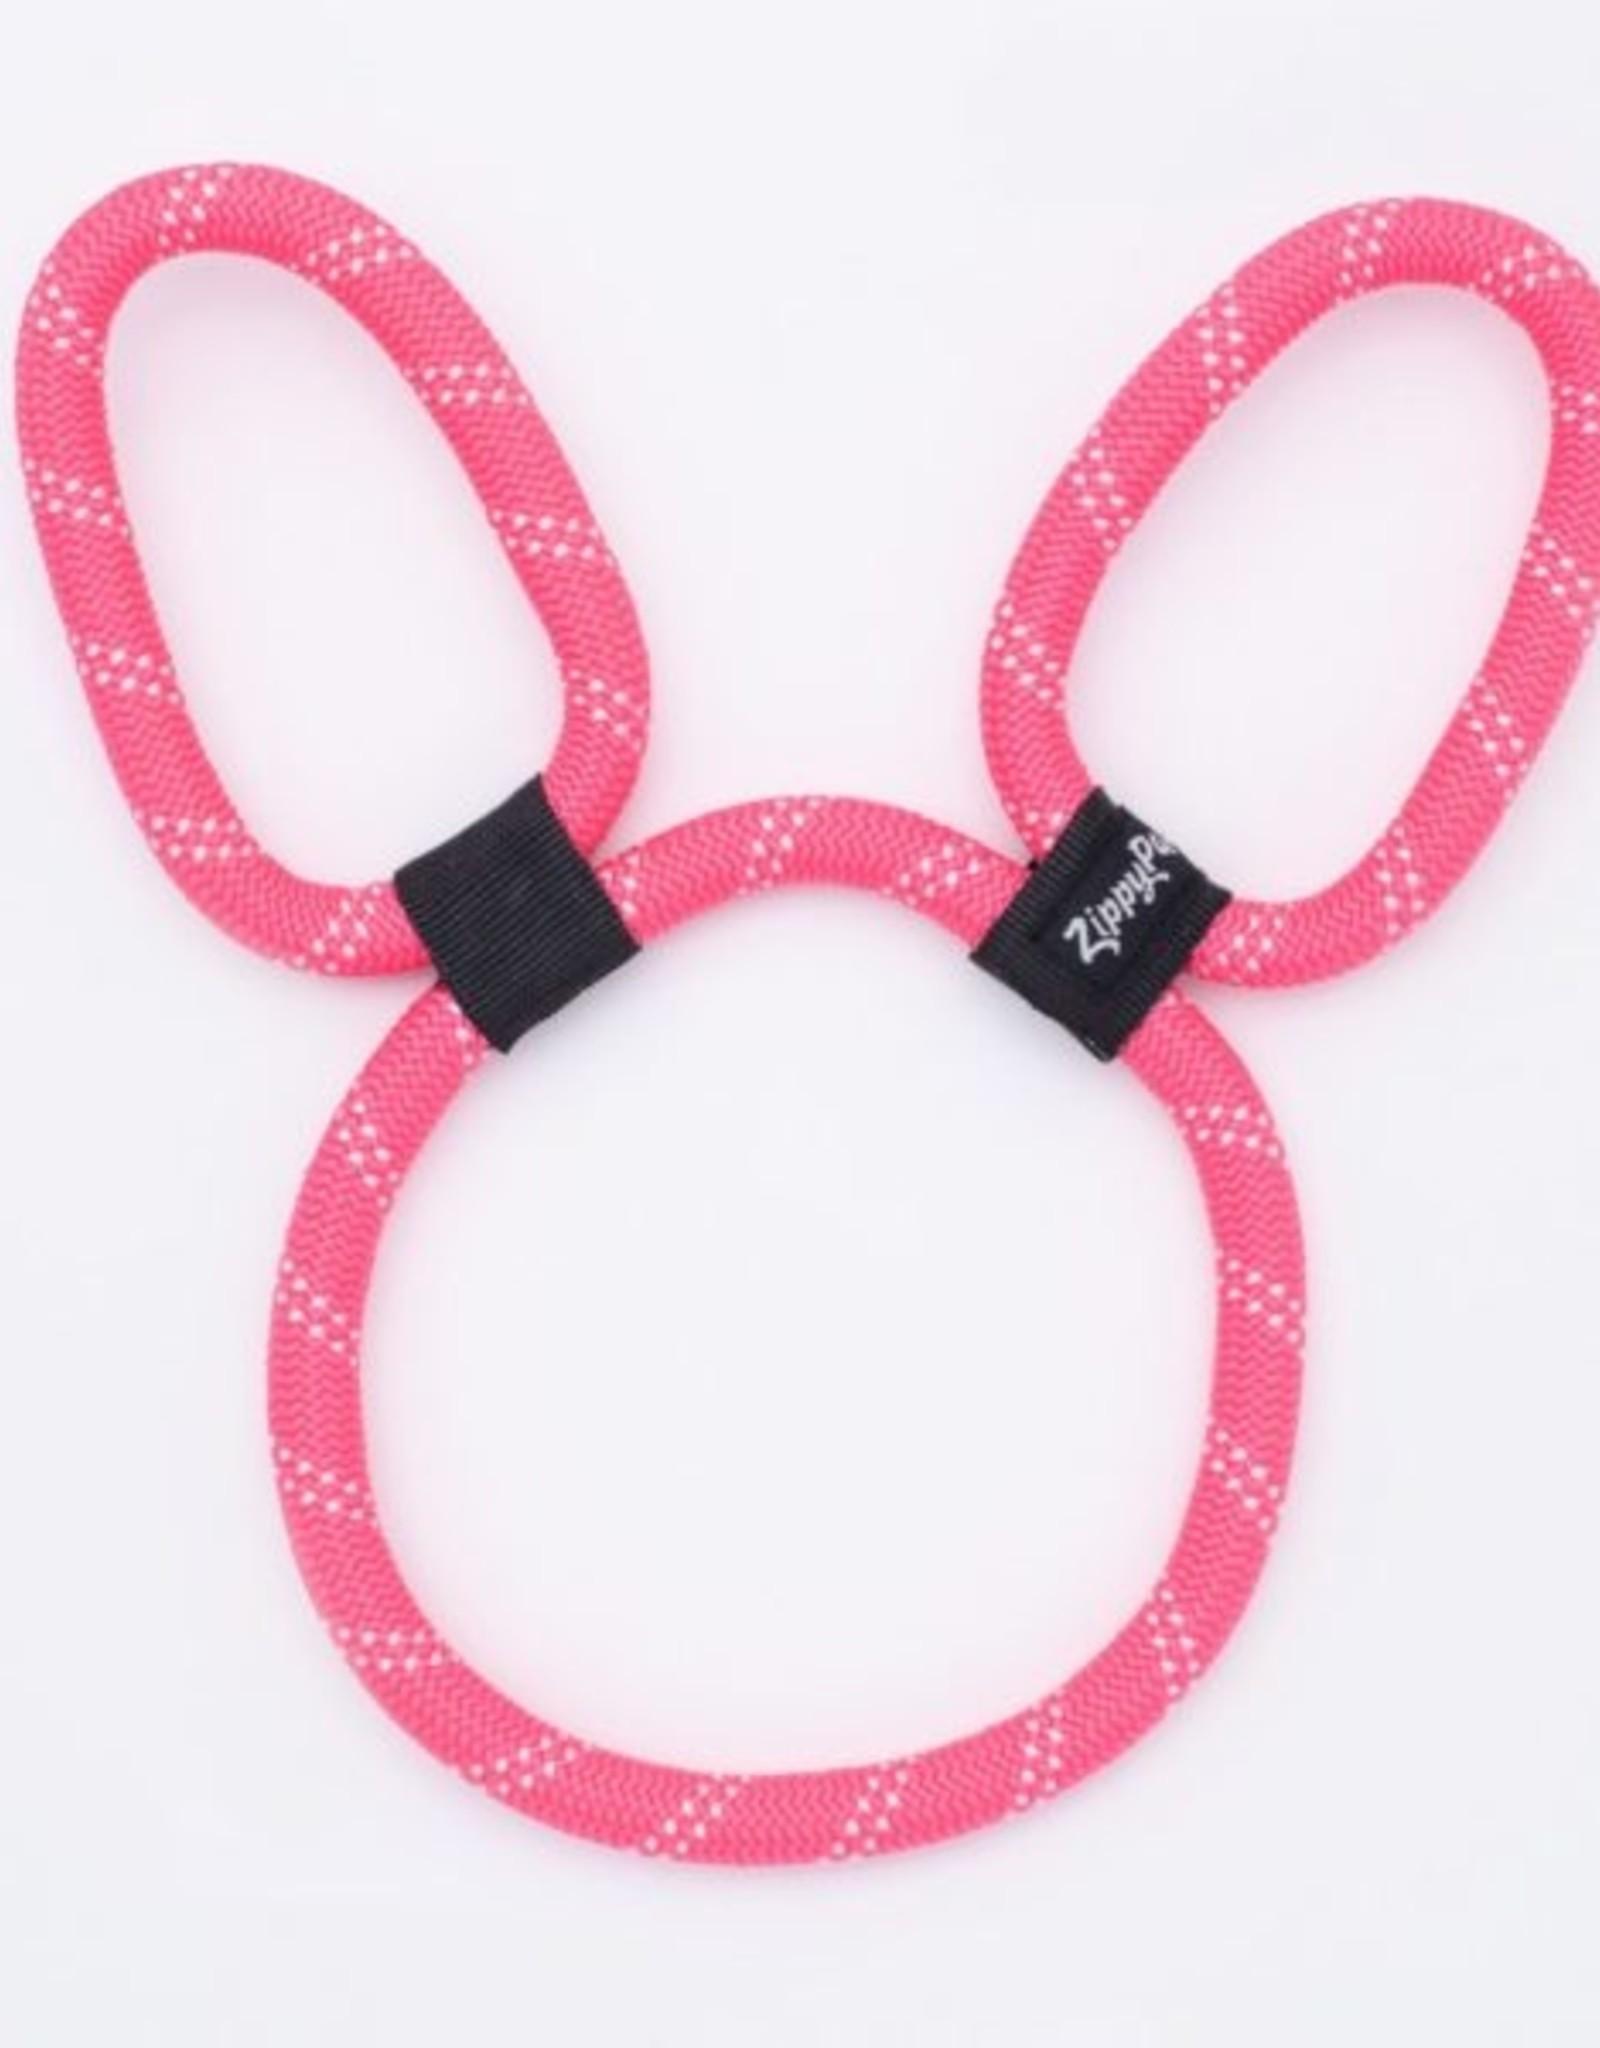 ZippyPaws Zippy Rope - Bunny